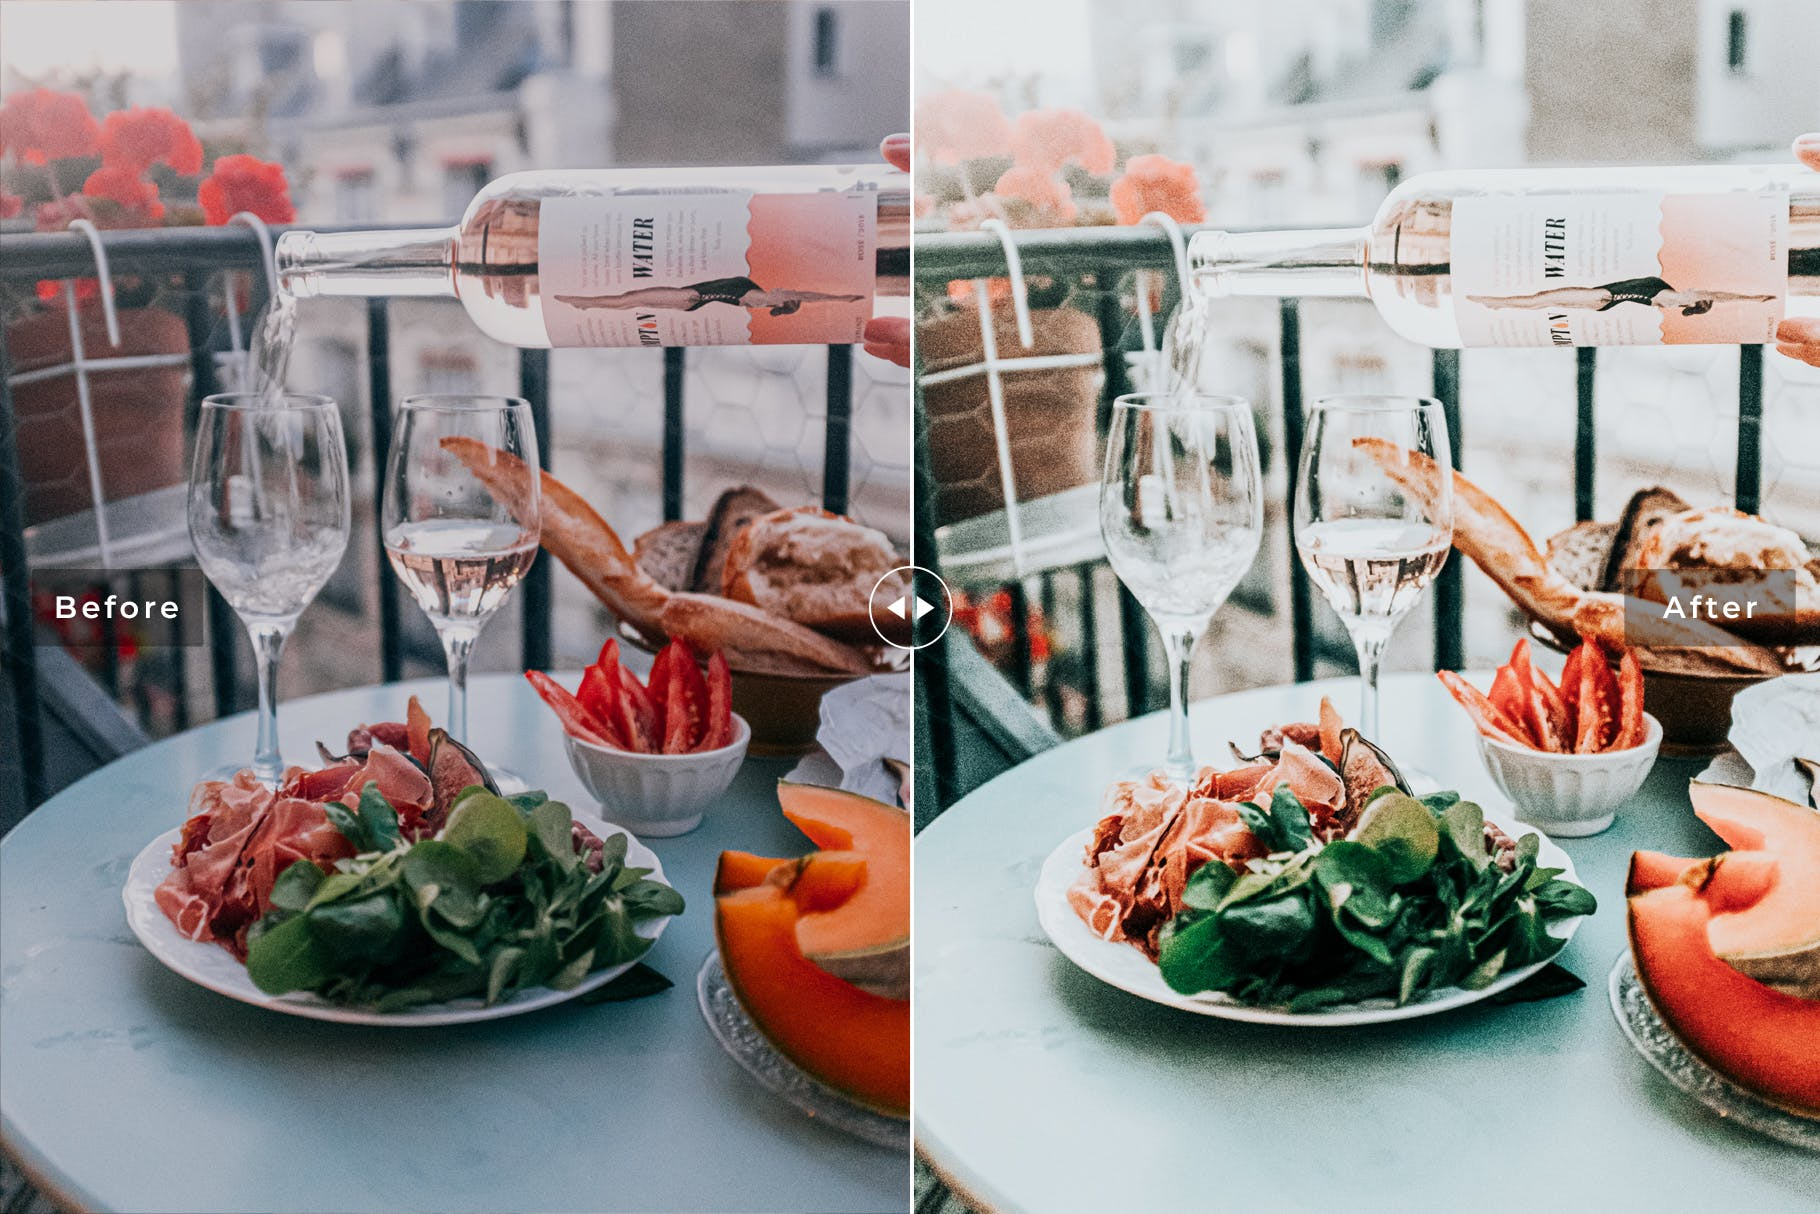 薄荷色&橙色明亮暖色调Lightroom预设 Peppermint Mobile & Desktop Lightroom Presets设计素材模板